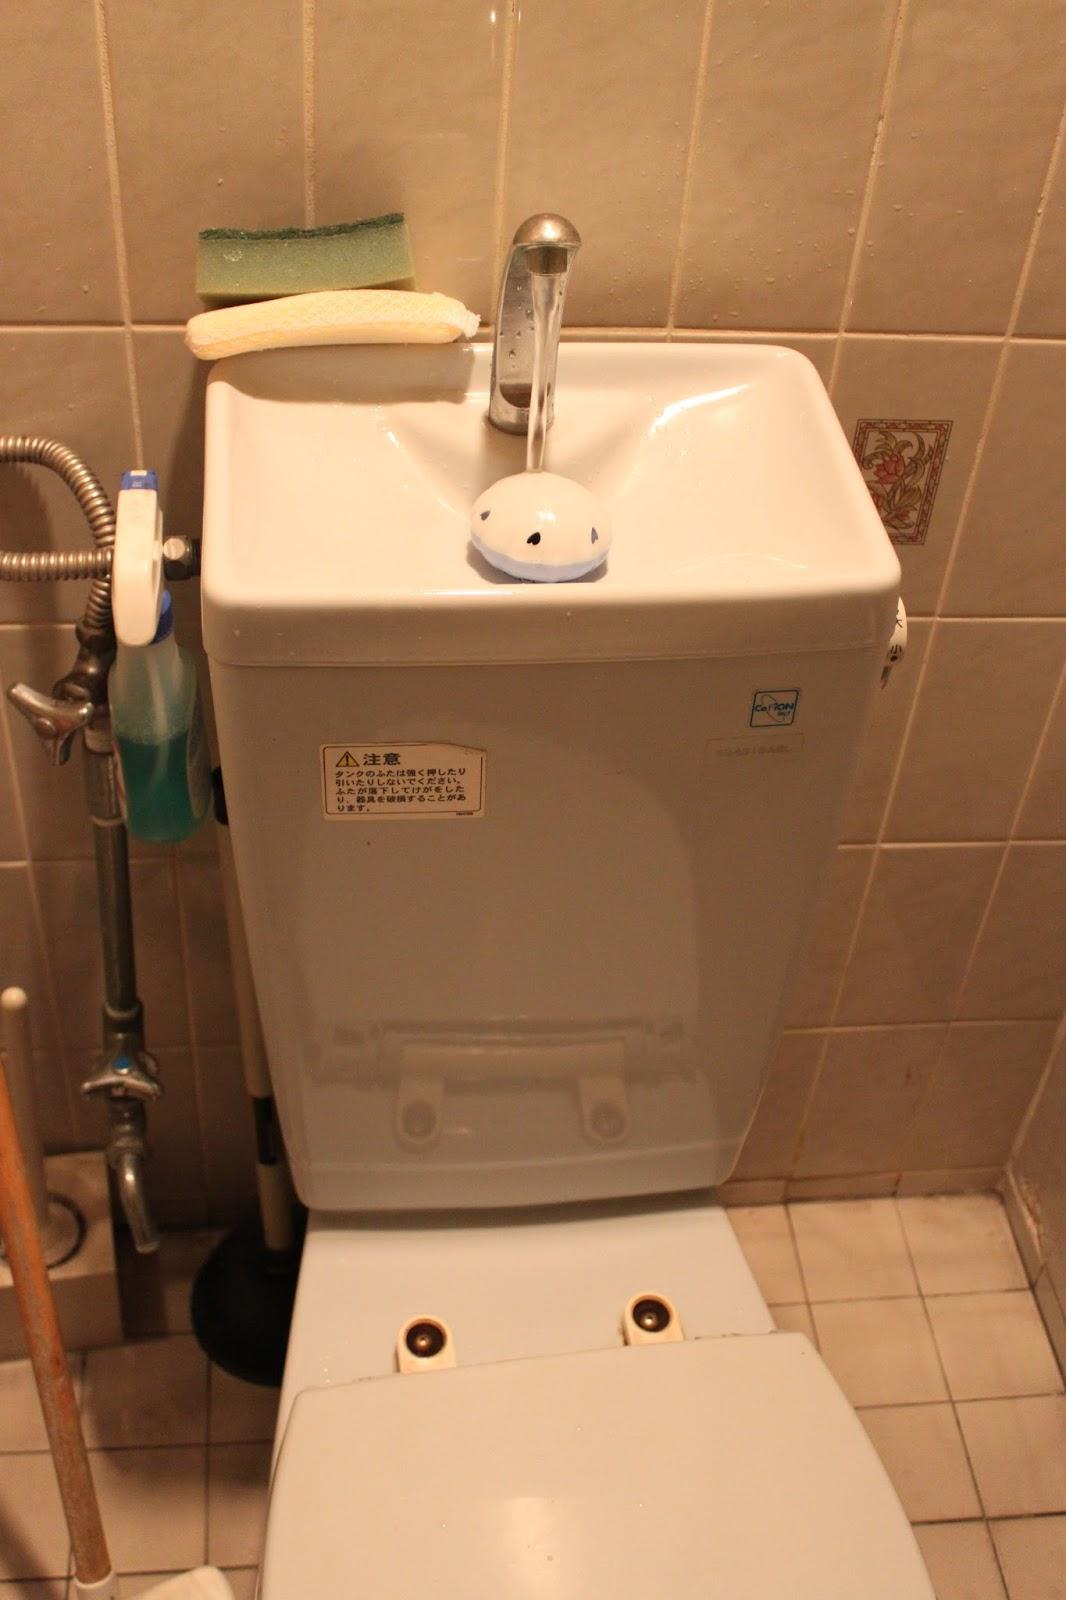 Dugulás a WC-ben? A víztakarékos WC tartály miatt van? (x) | ZAOL